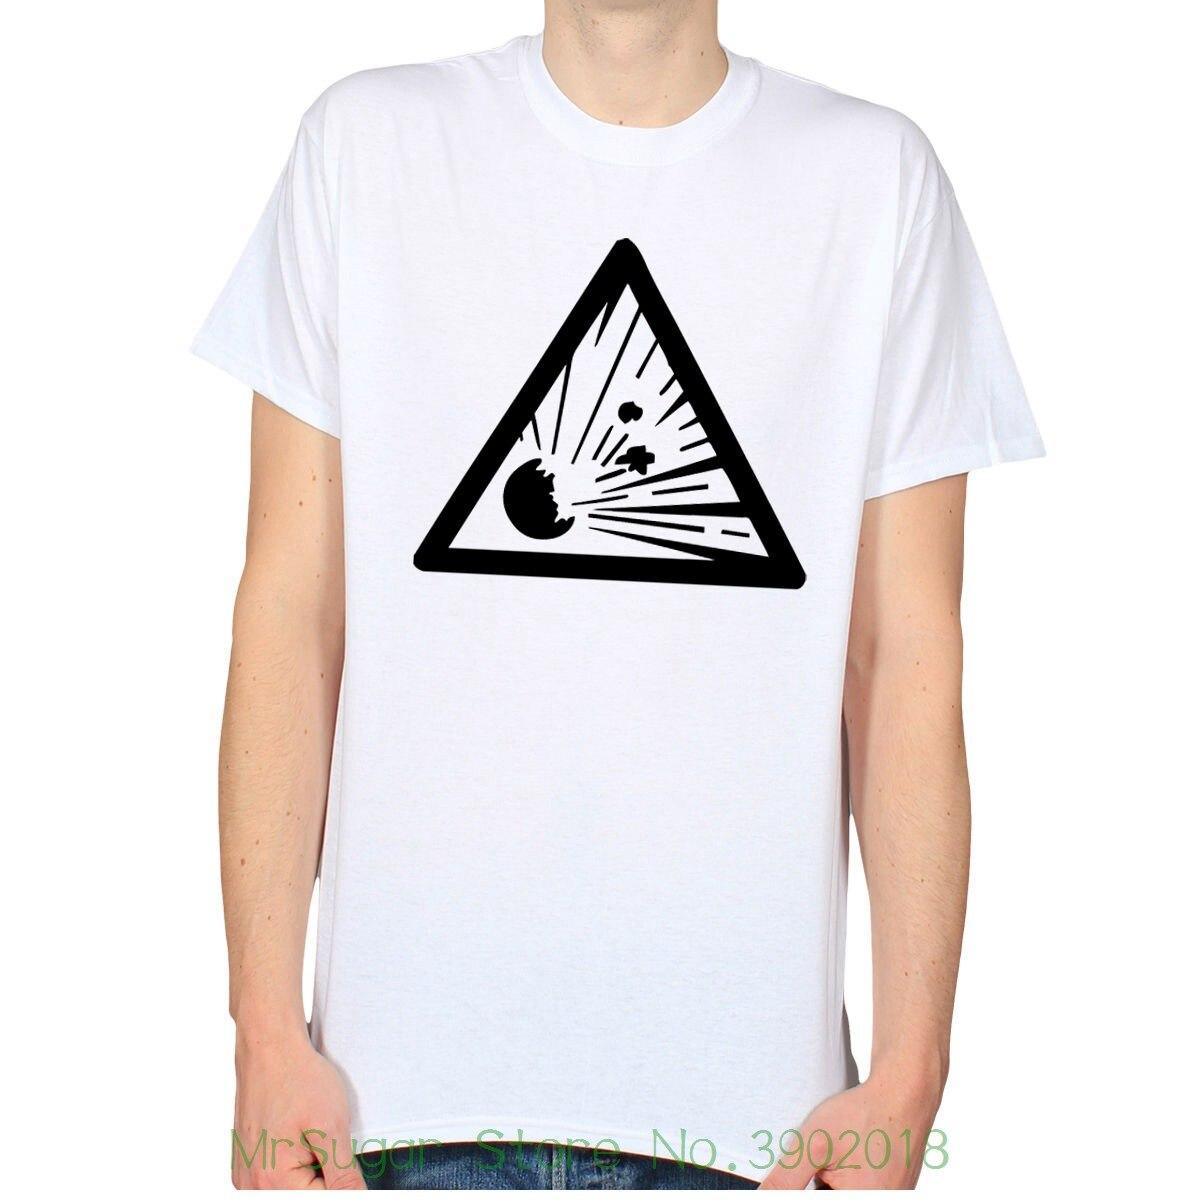 Взрывной взрыв Предупреждение знак опасности Hipster Панк мужские футболка для мужчин/мальчик футболка